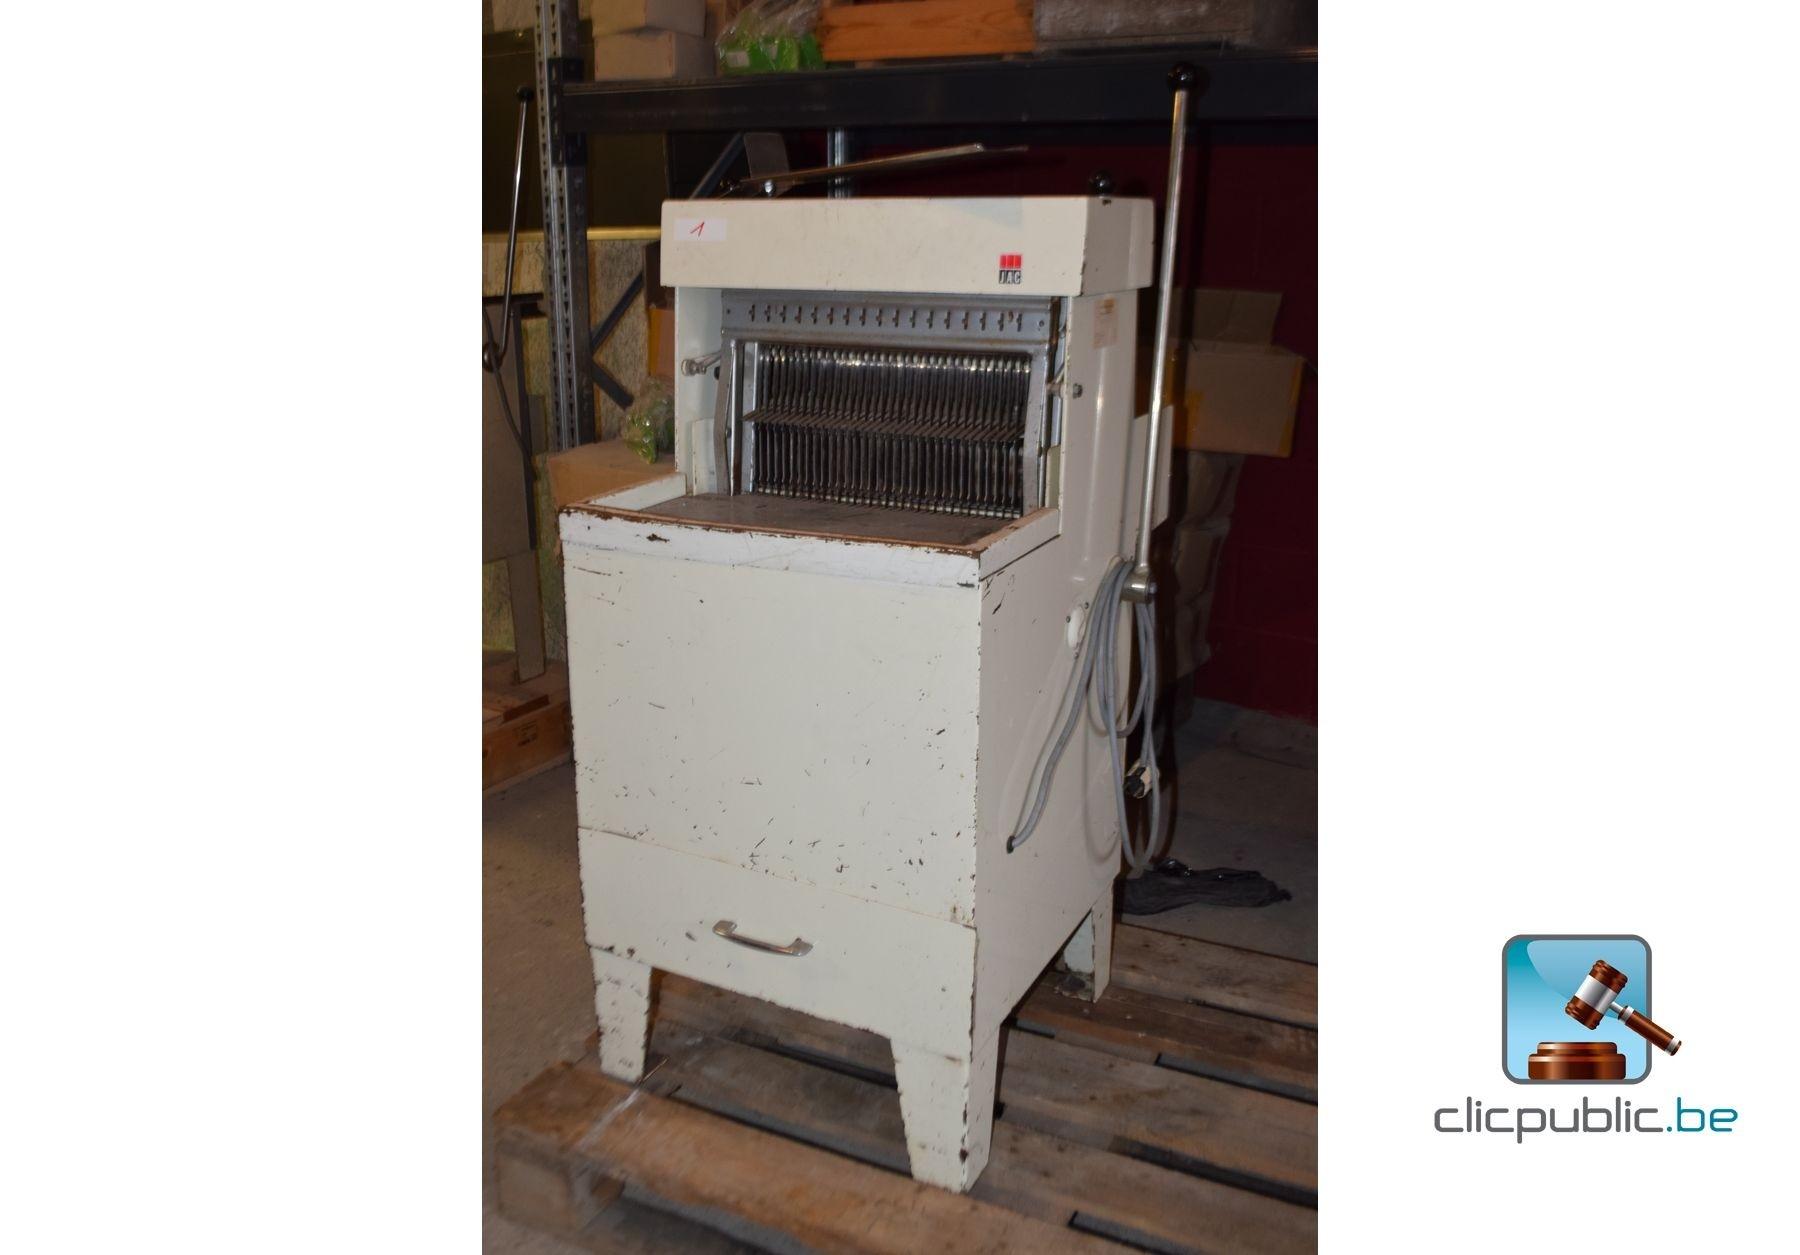 Machine couper le pain jac ref 1 vendre sur - Machine a couper le pain occasion ...